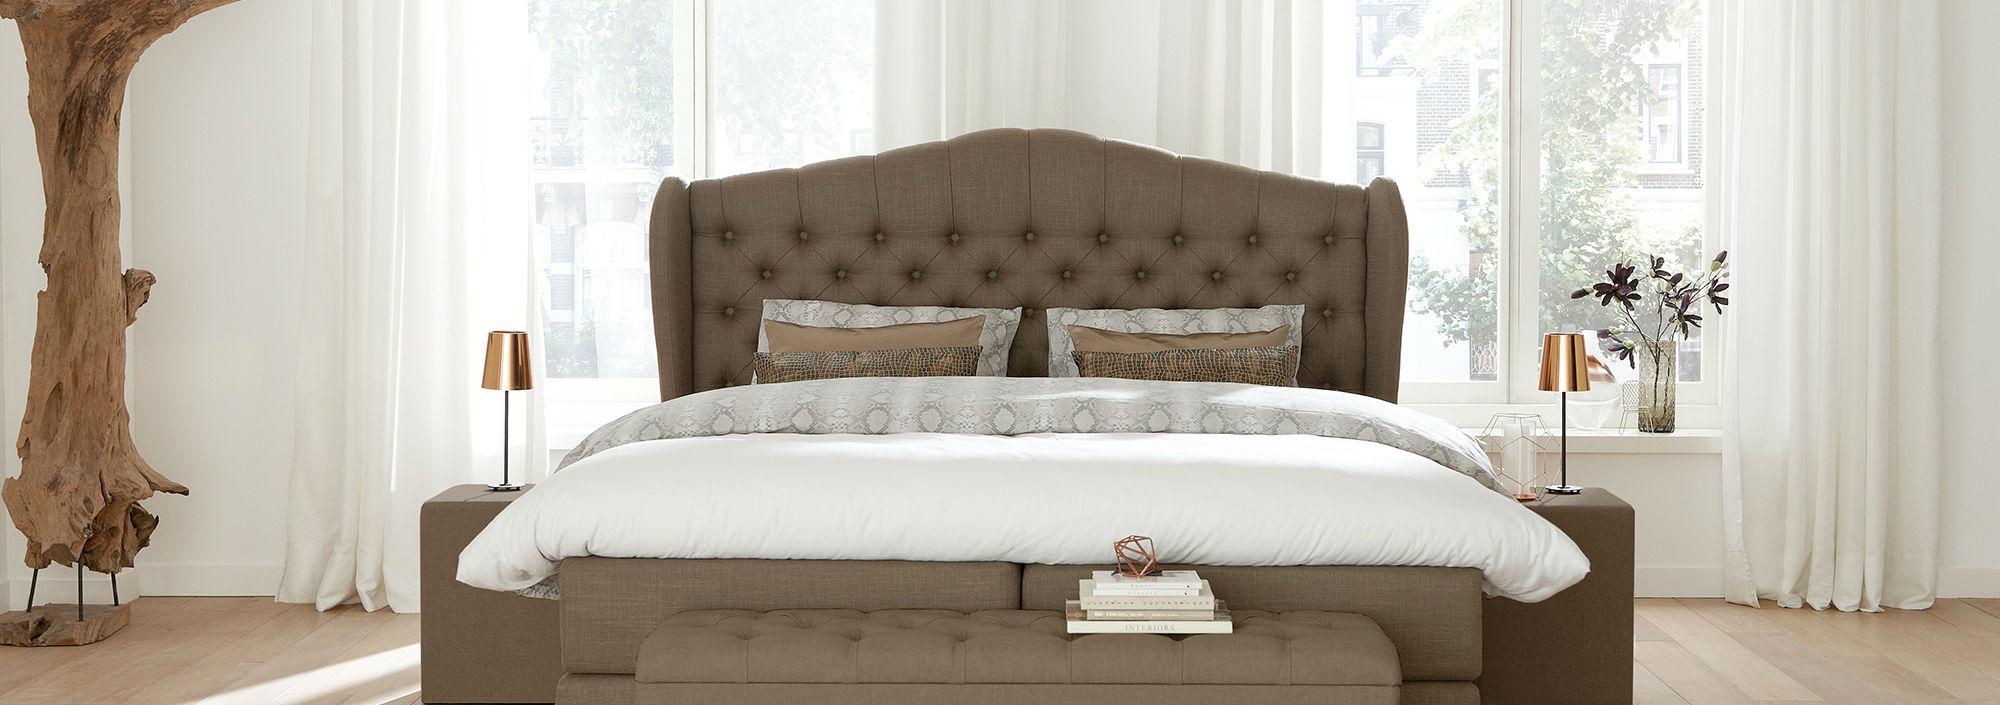 Amerikanisch Bett bestellen? Große Auswahl bei Swiss Sense